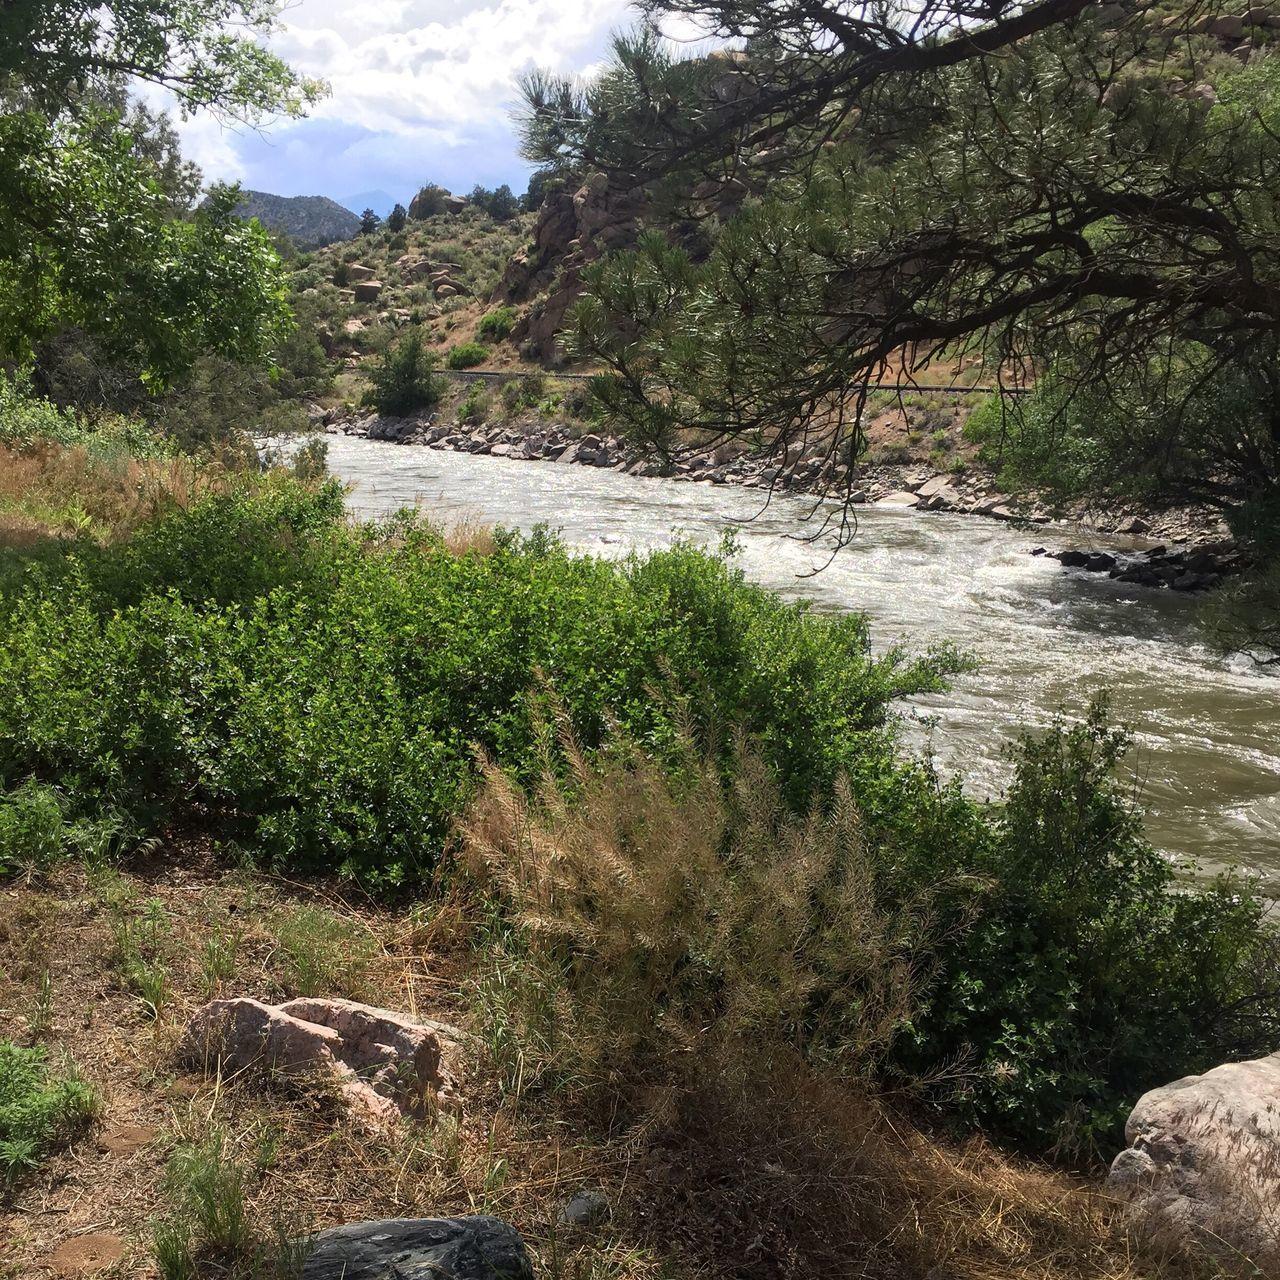 Colorado Arkansas River River Nature Countryside Non-urban Scene Scenics